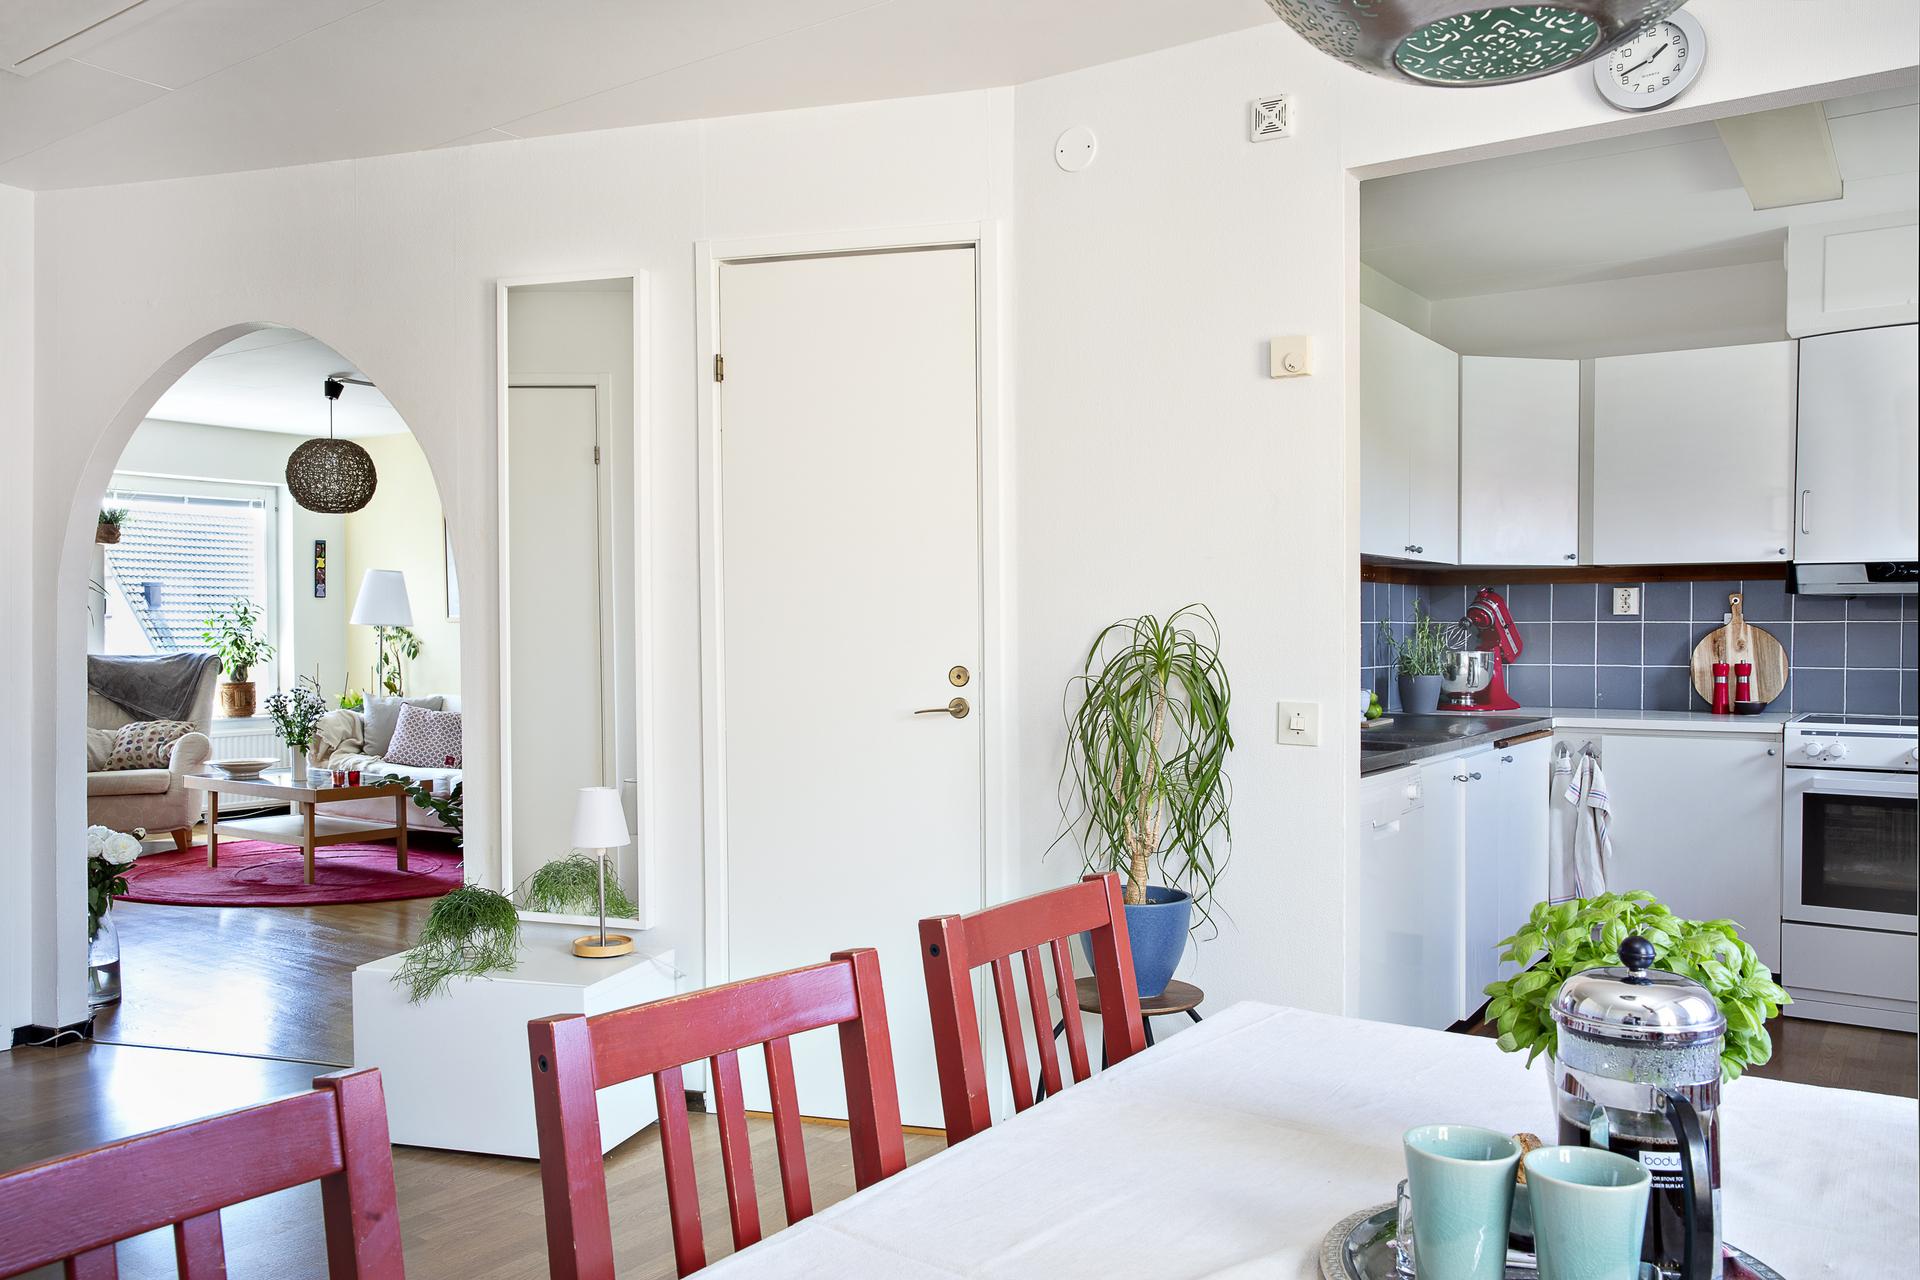 Matrummet är centralt placerad härifrån har vi vy mot både vardagsrum och köket